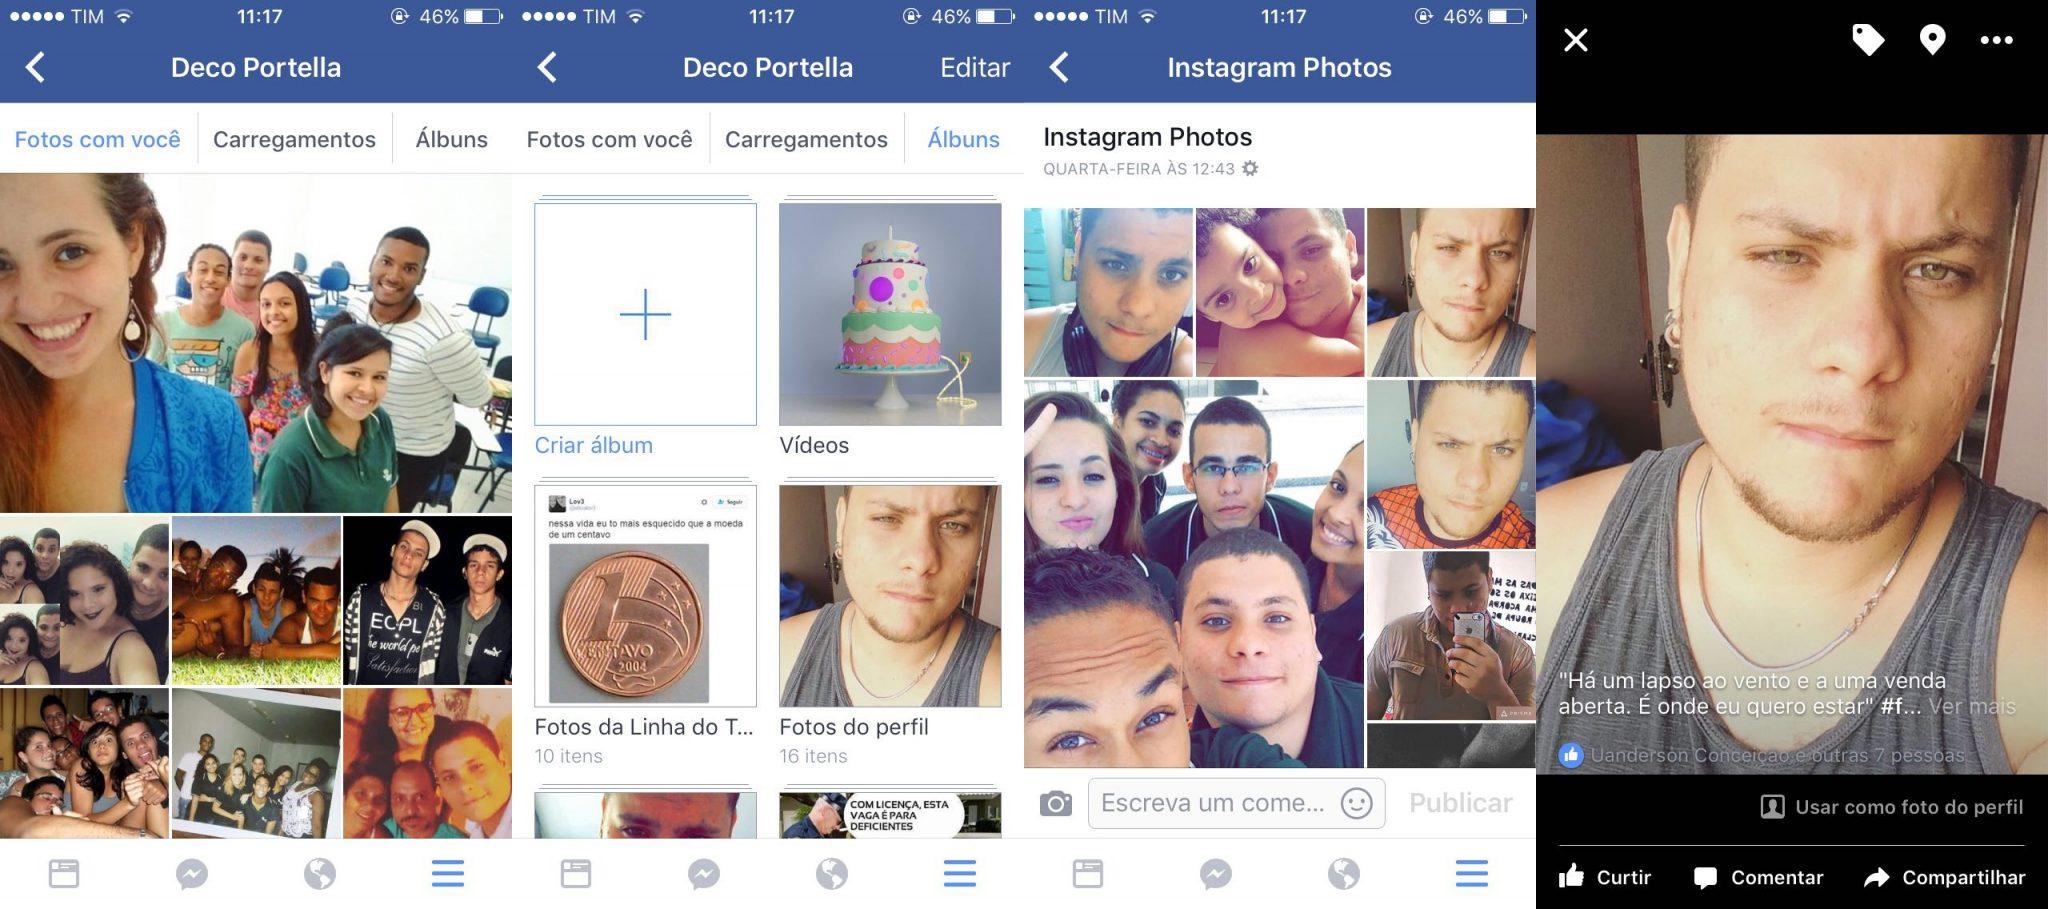 comparativo-facebook-2-12